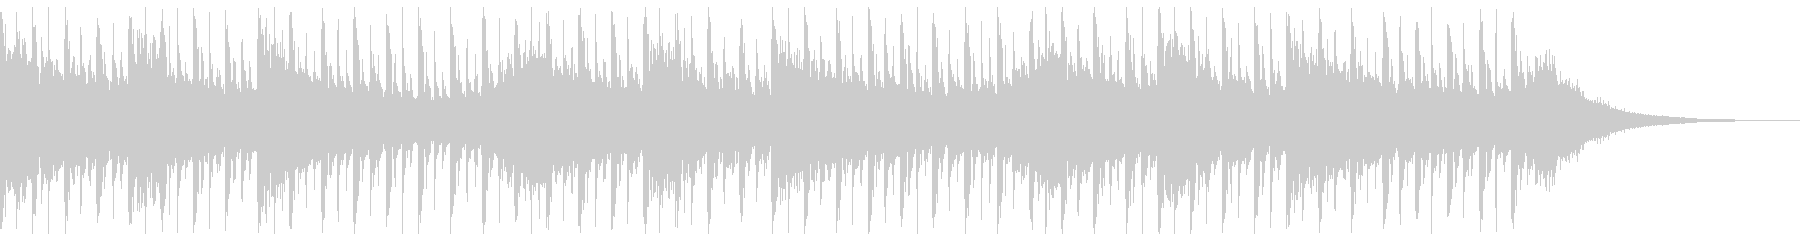 説明(30秒)の未再生の波形